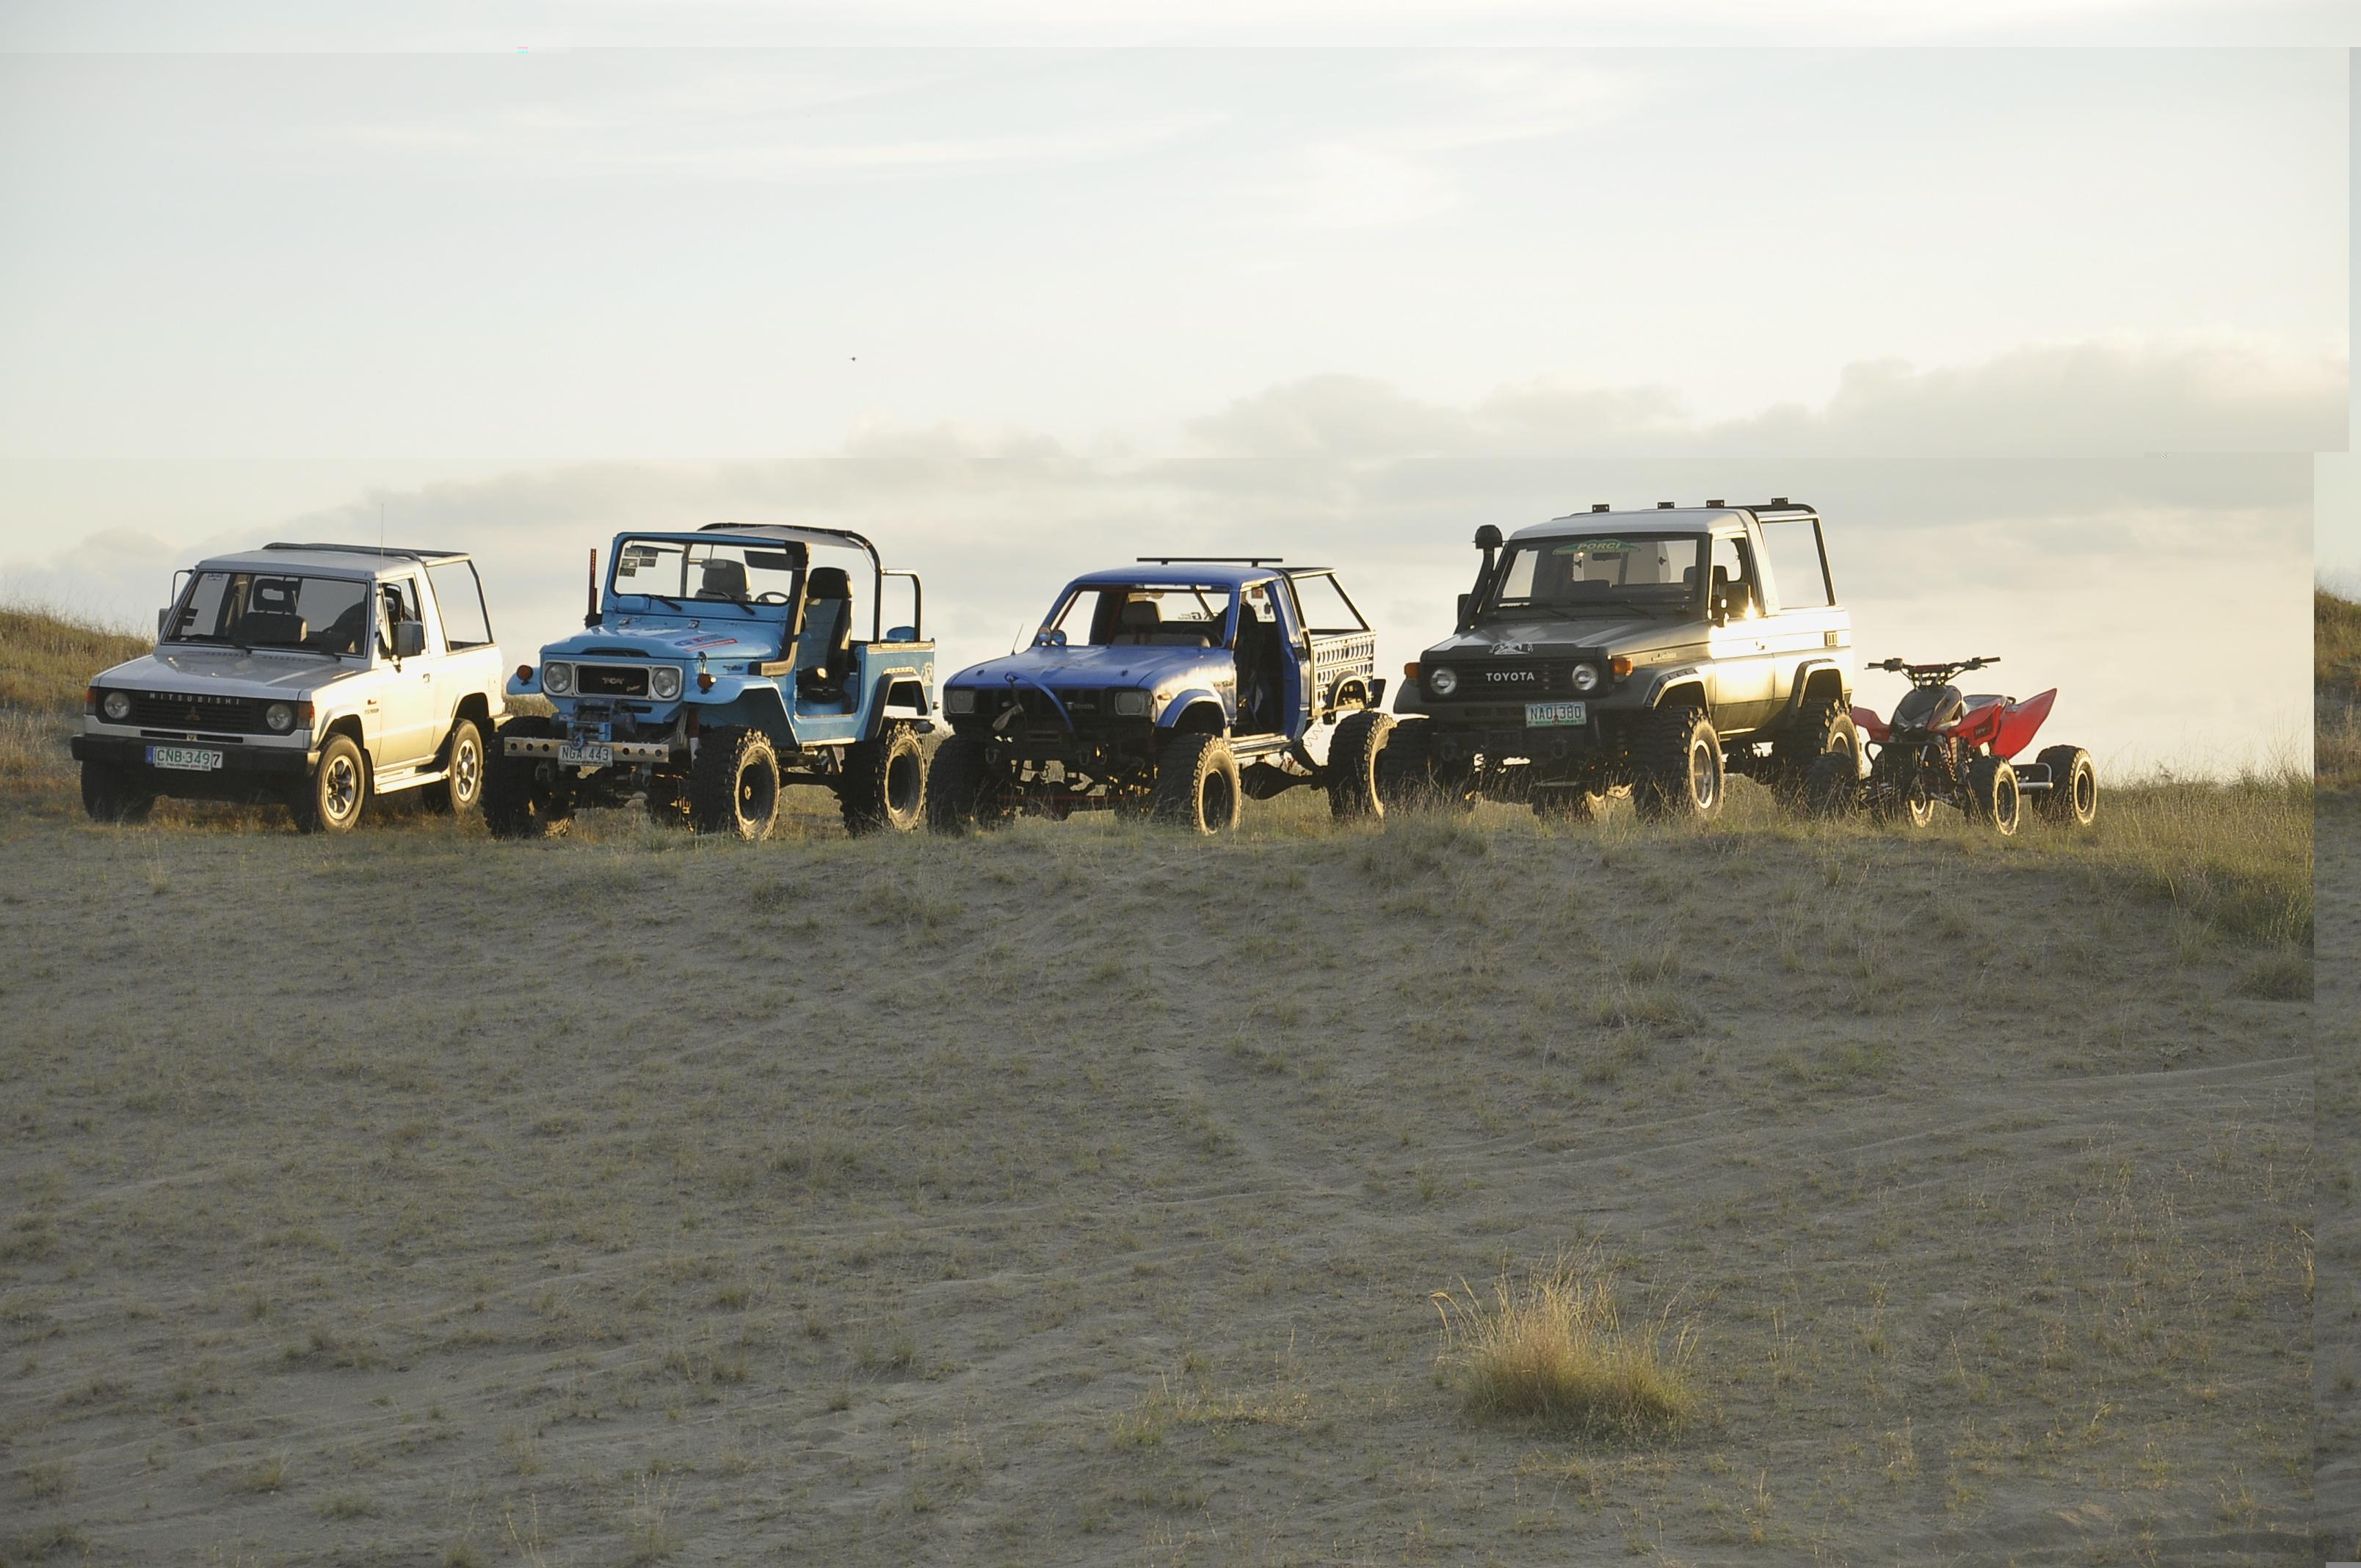 Sandboarding in La Paz, Laoag